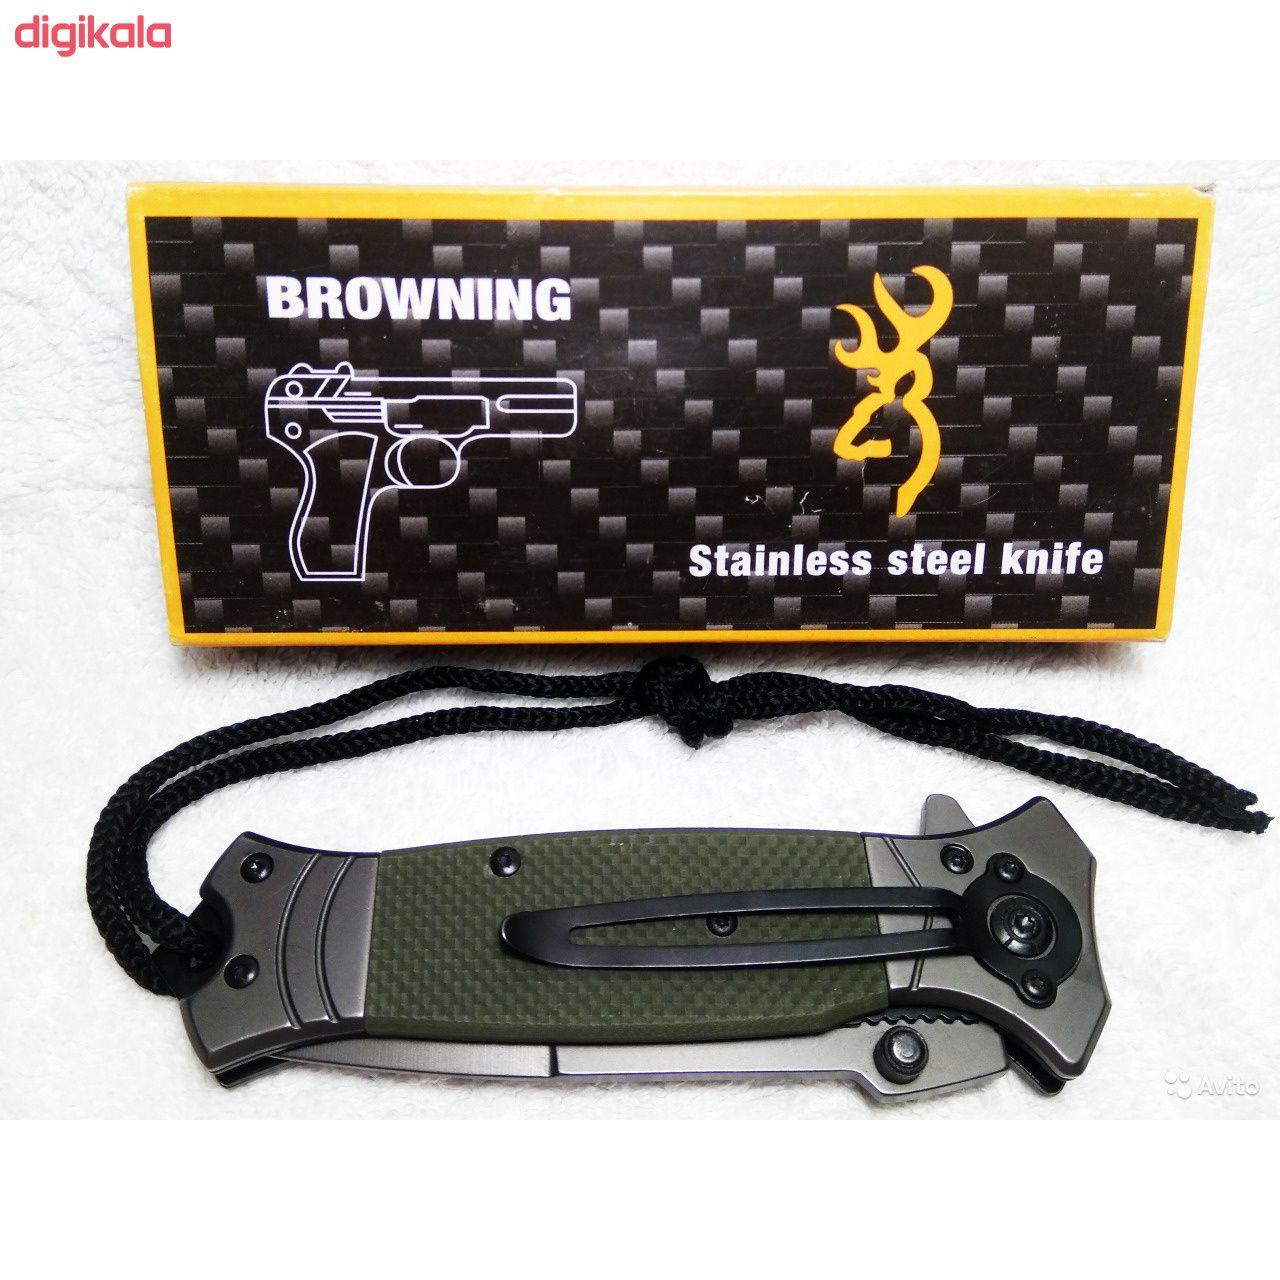 چاقو سفری برونینگ مدل FA38 main 1 1